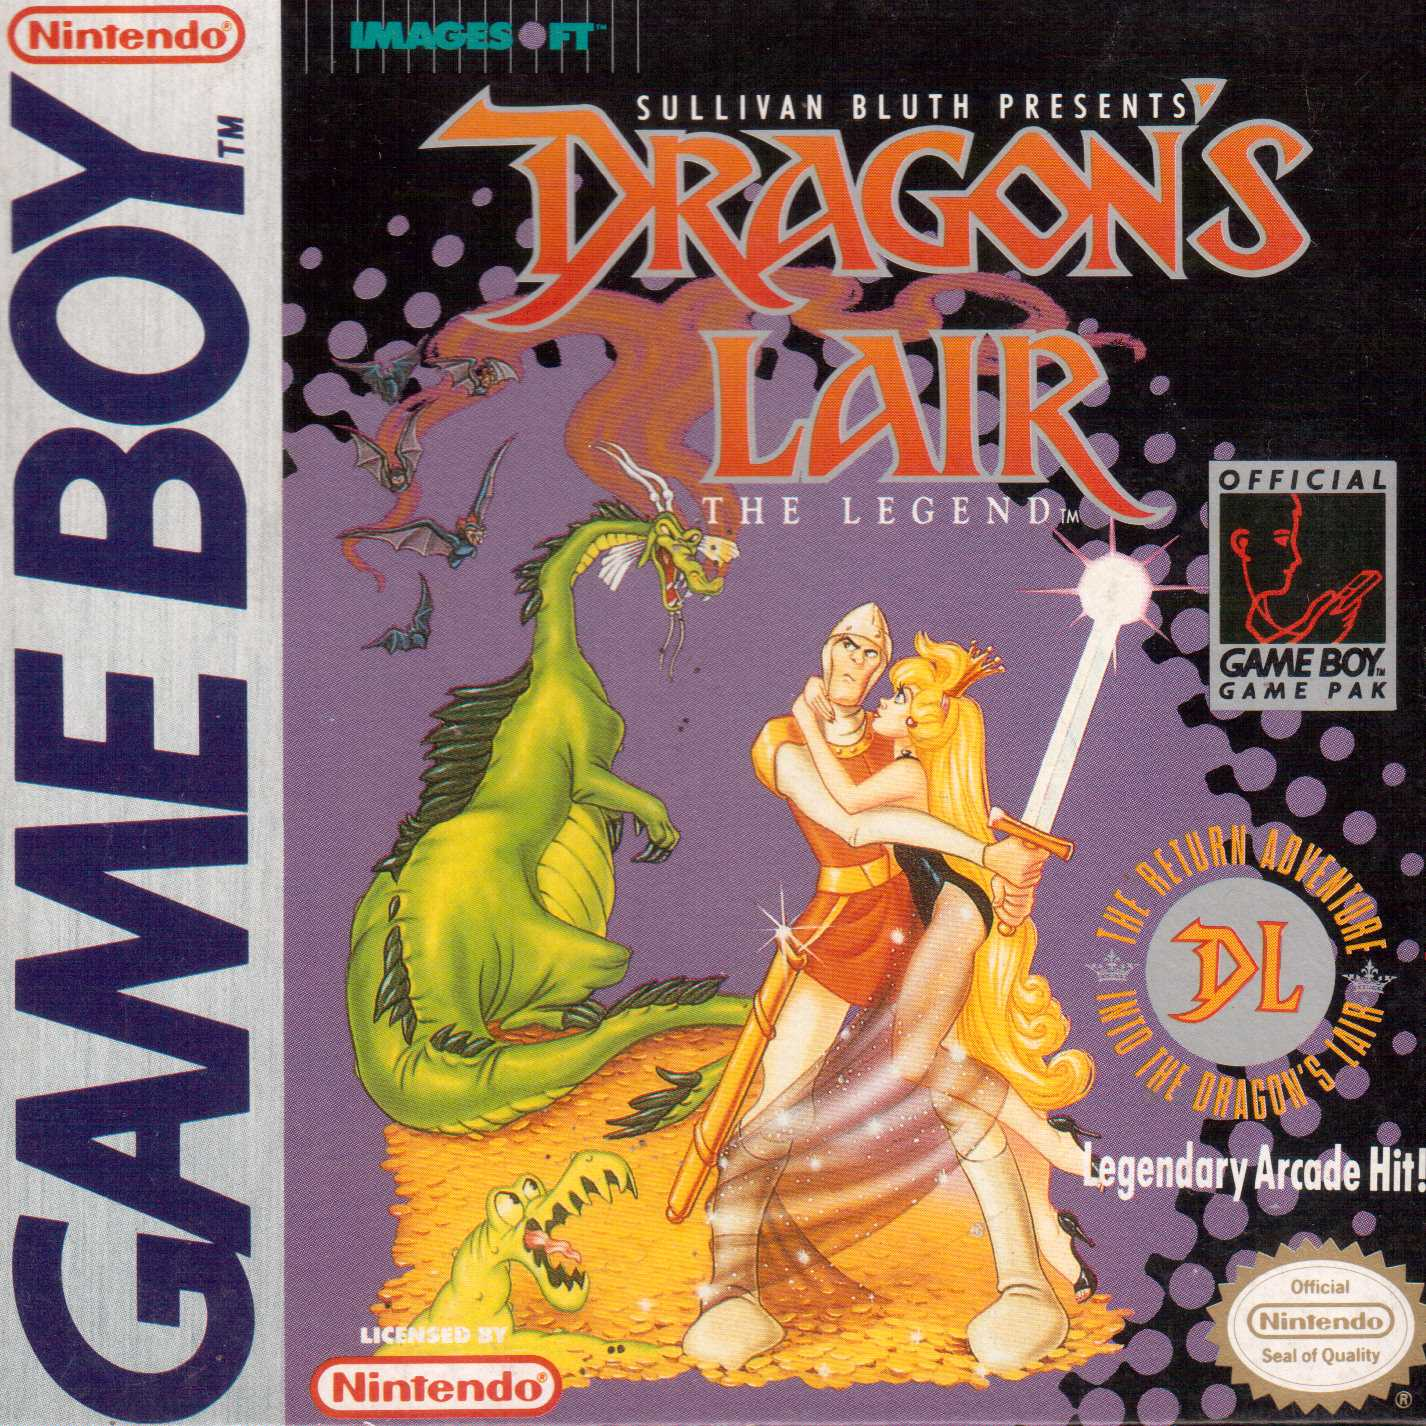 Angespielt GB Classic | DMGpage - Game Boy Blog | Seite 3